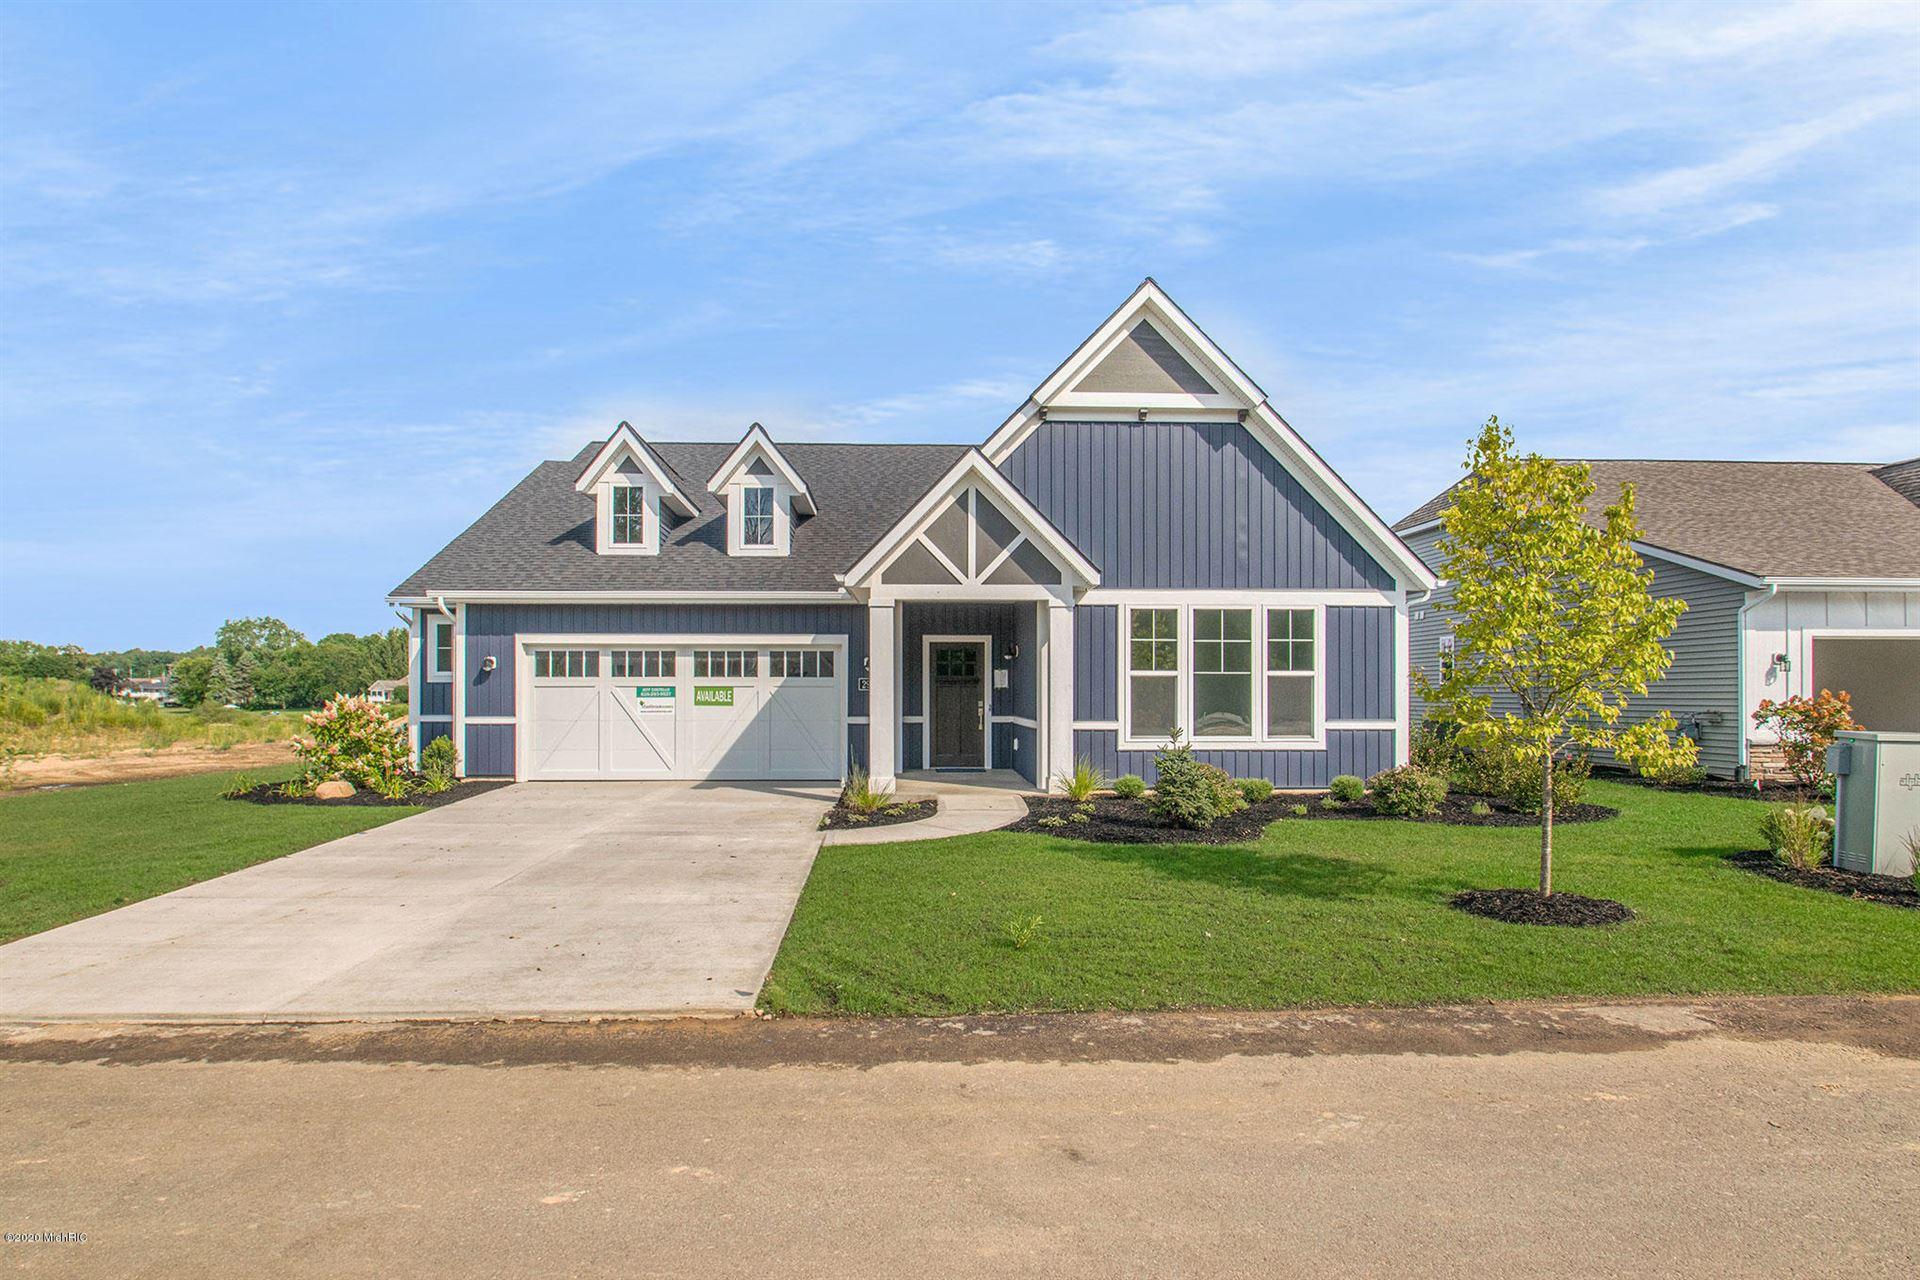 2989 Isle Grand Drive #4, Belmont, MI 49306 - MLS#: 20008212